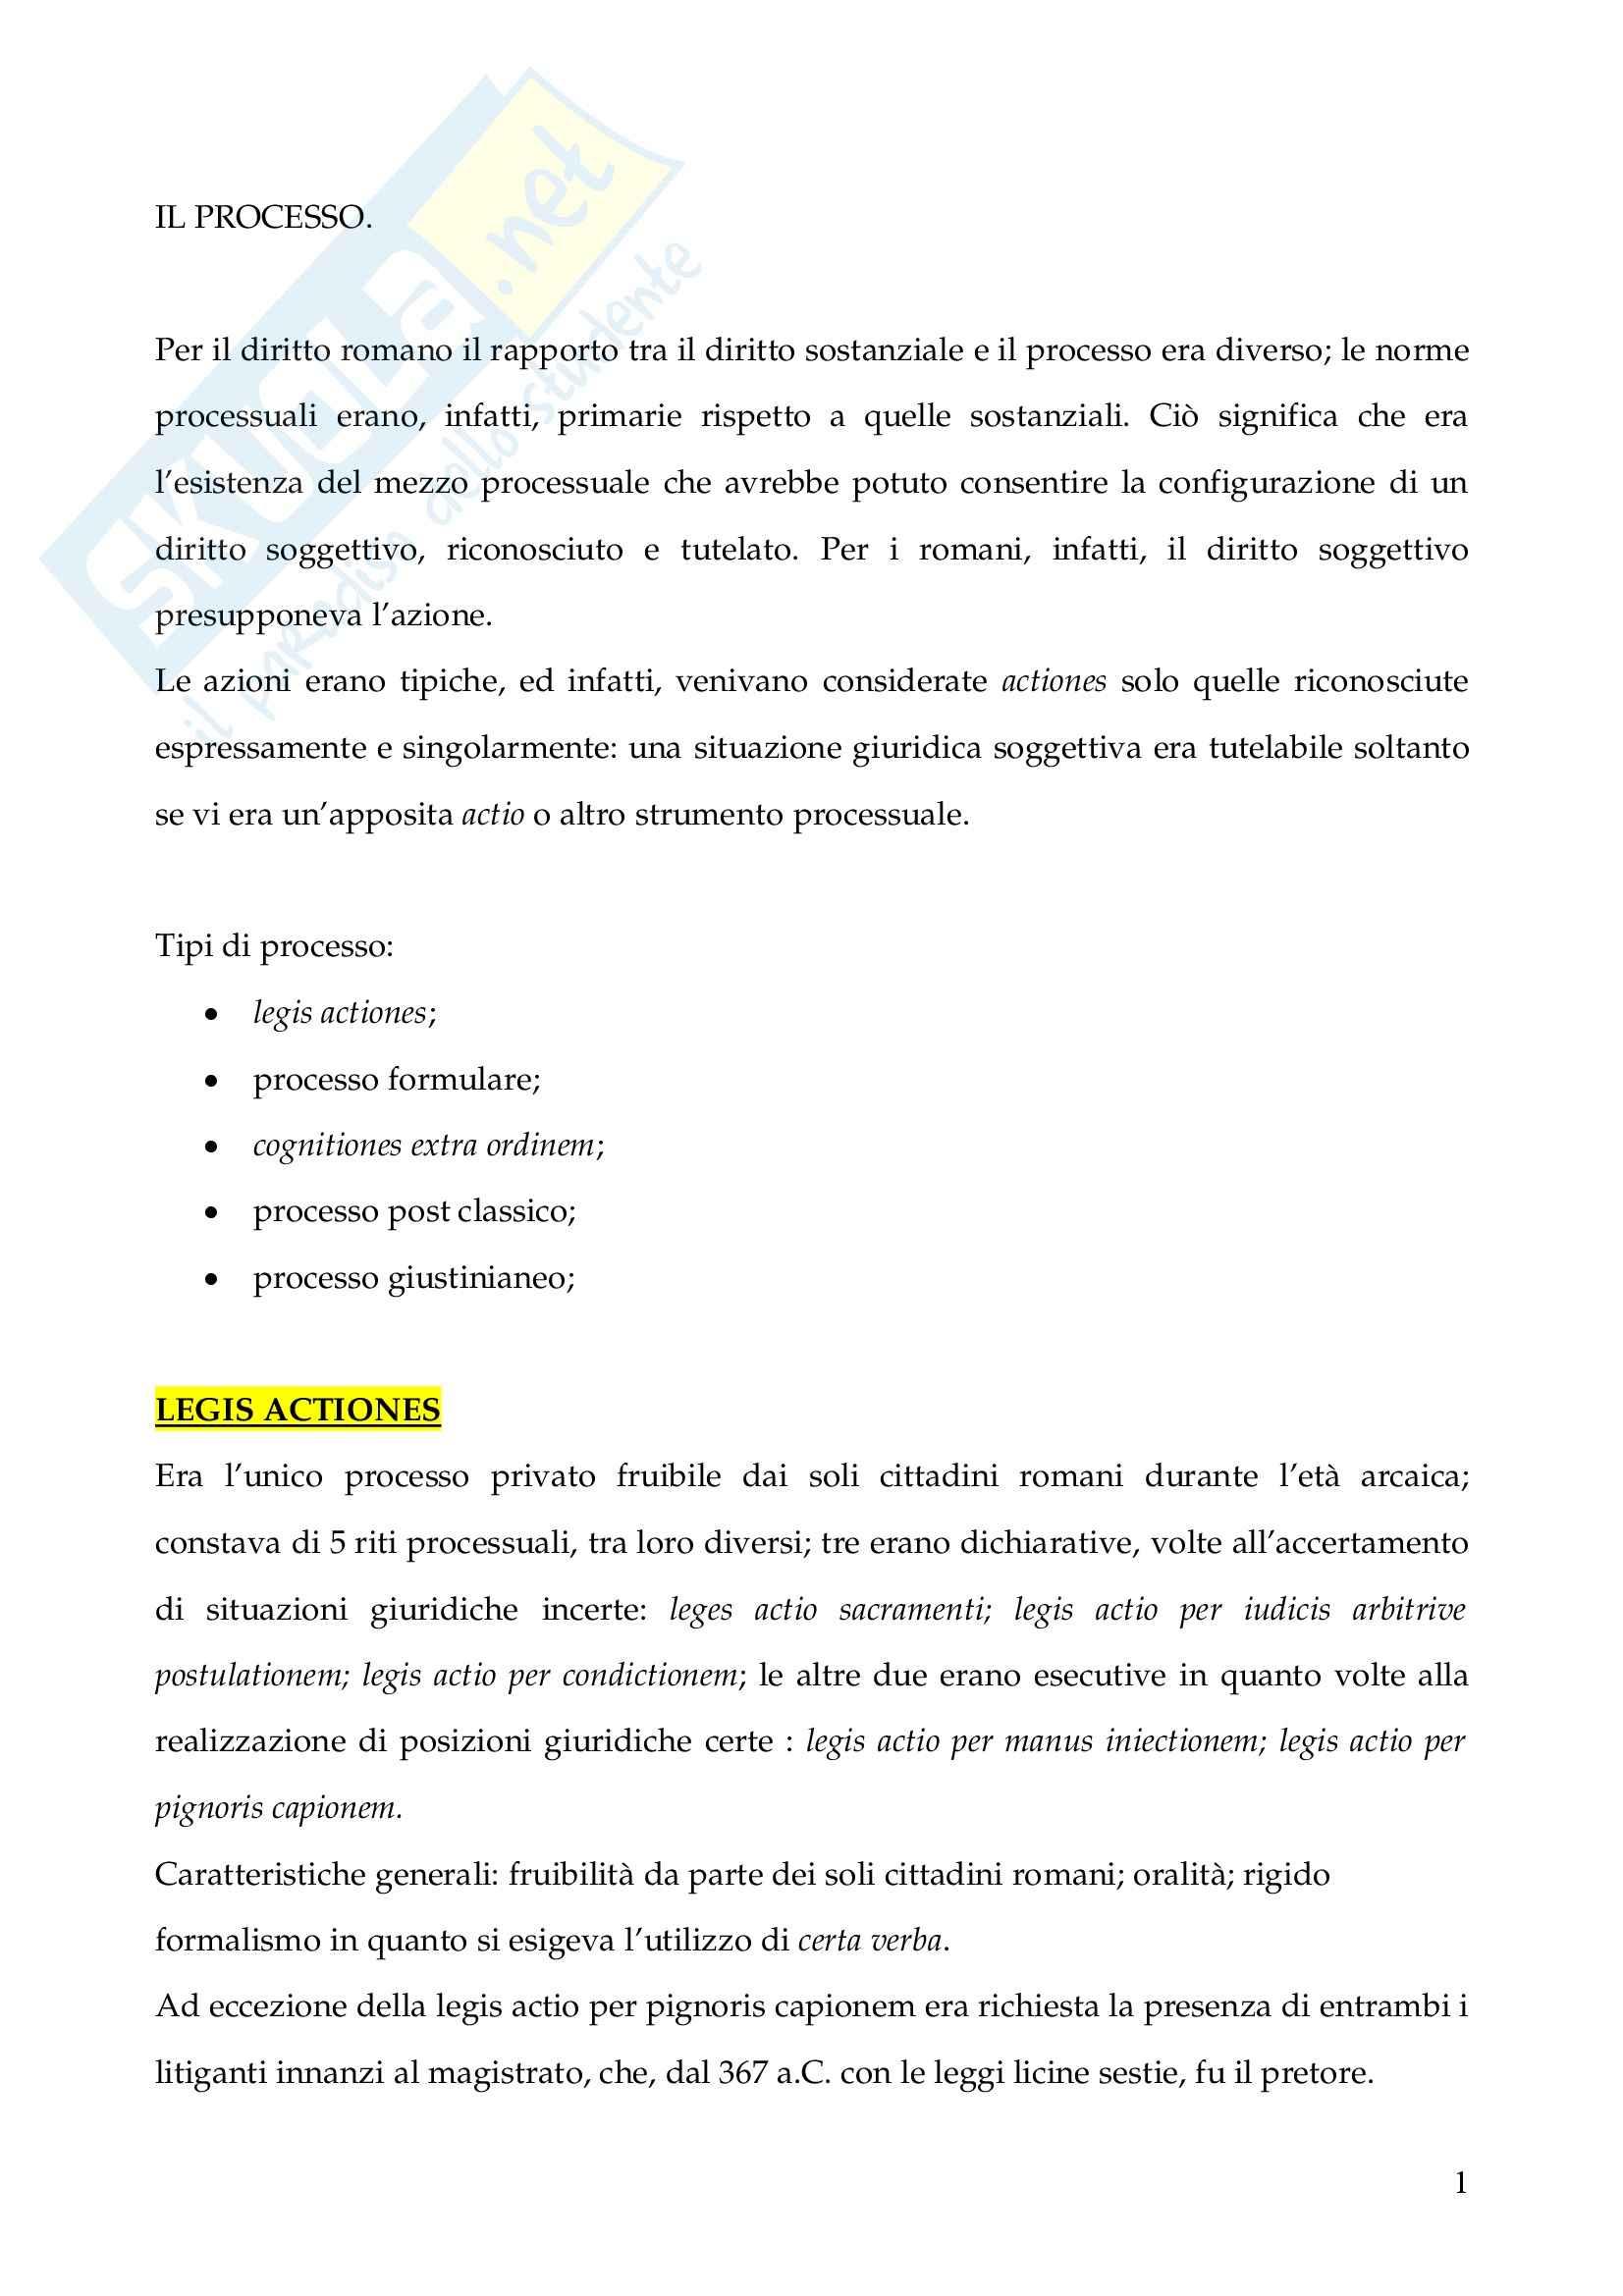 appunto G. Finazzi Istituzioni di diritto romano